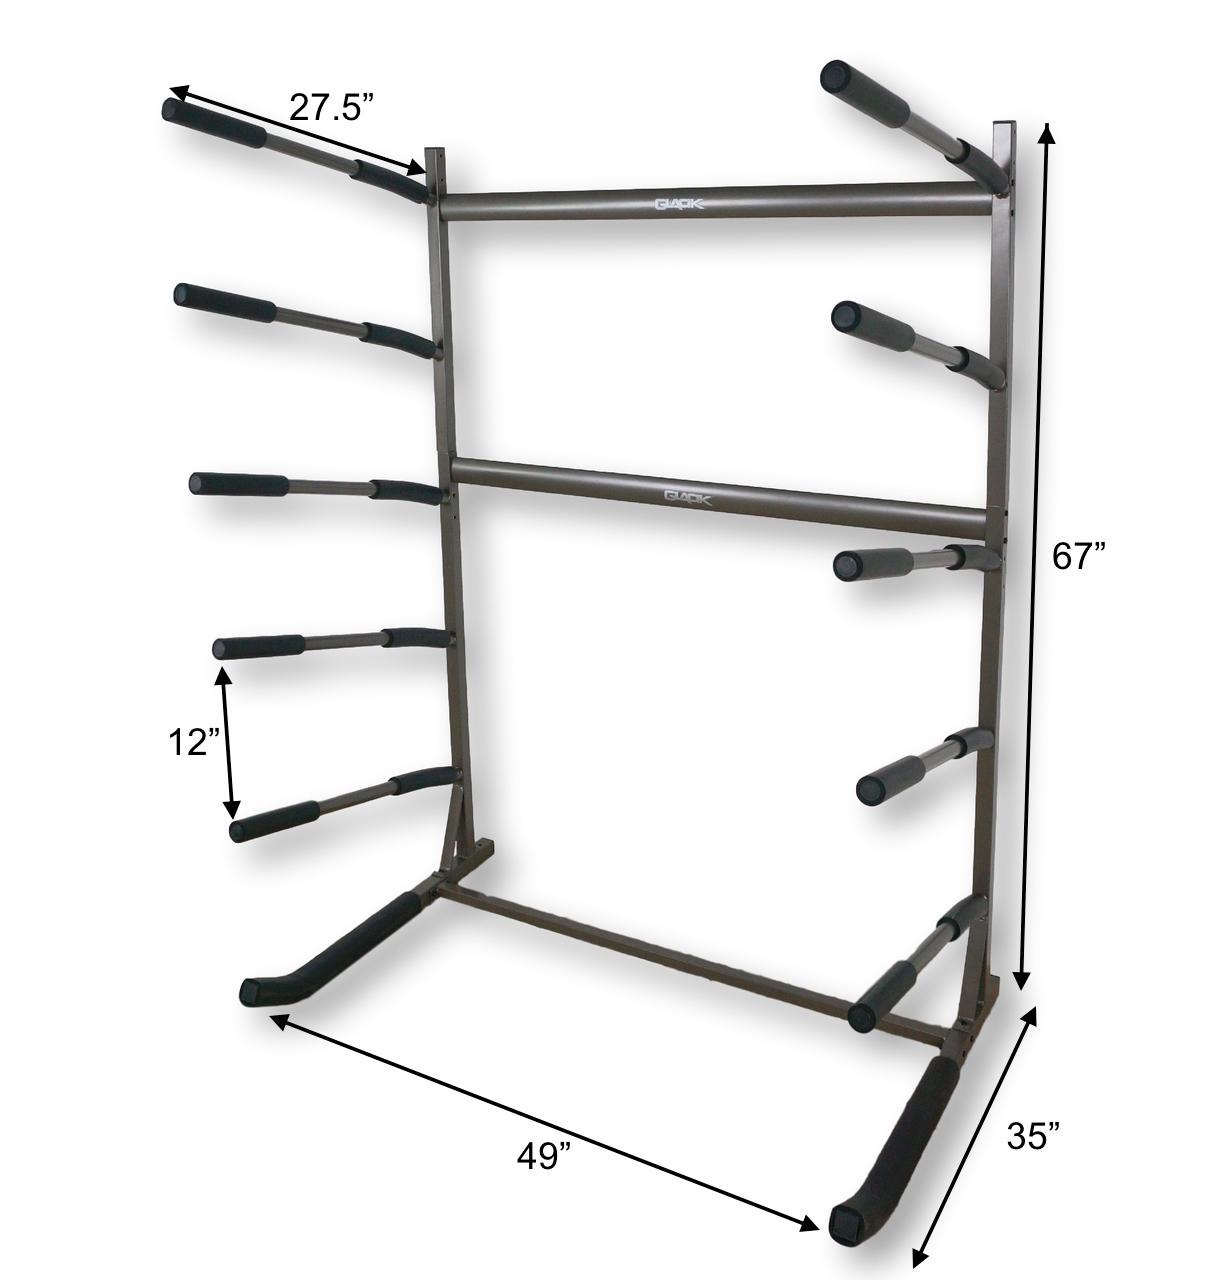 5-sup-floor-rack-dims.jpg